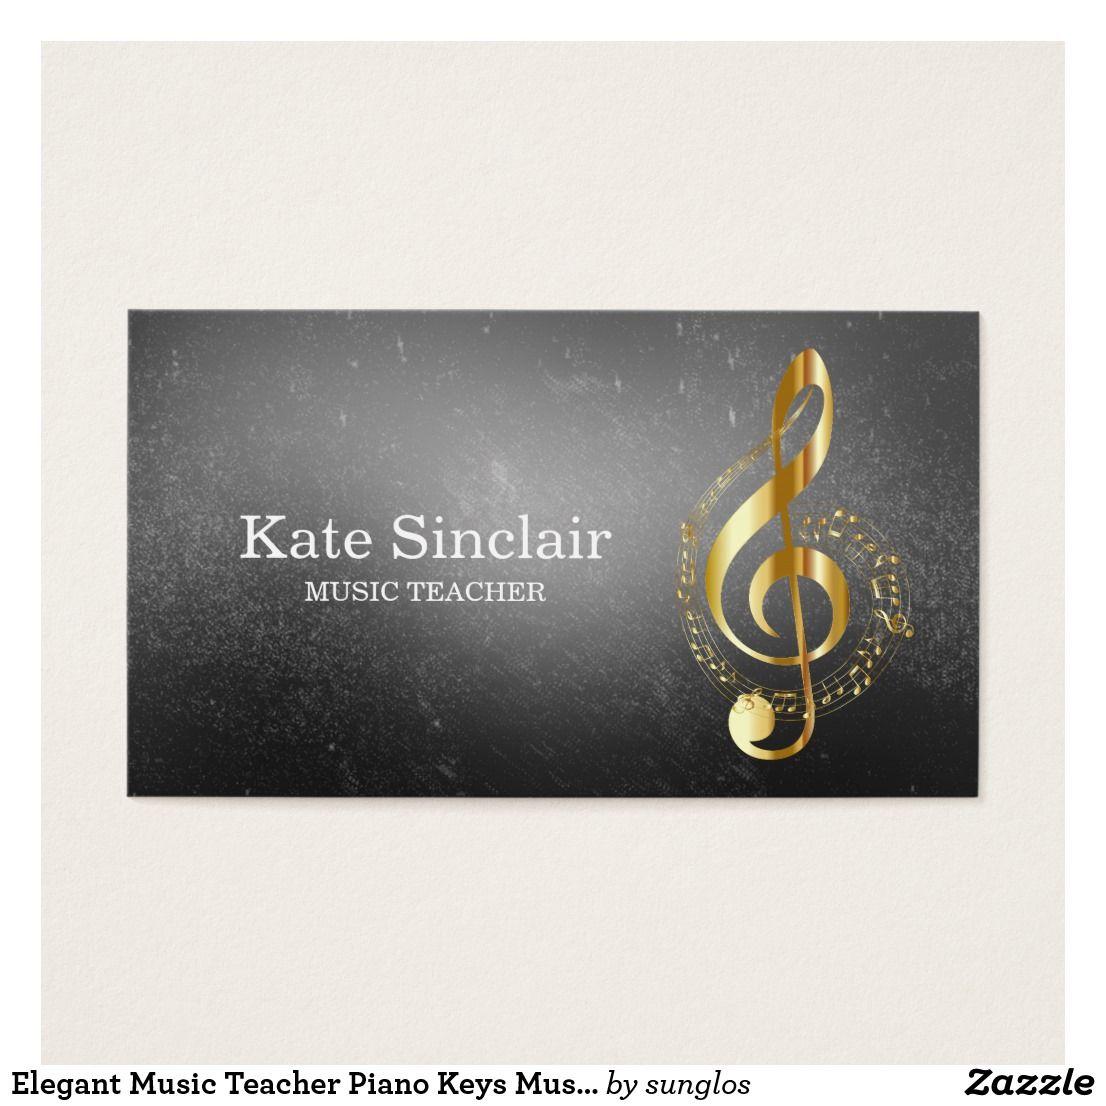 Elegant Music Teacher Piano Keys Musical